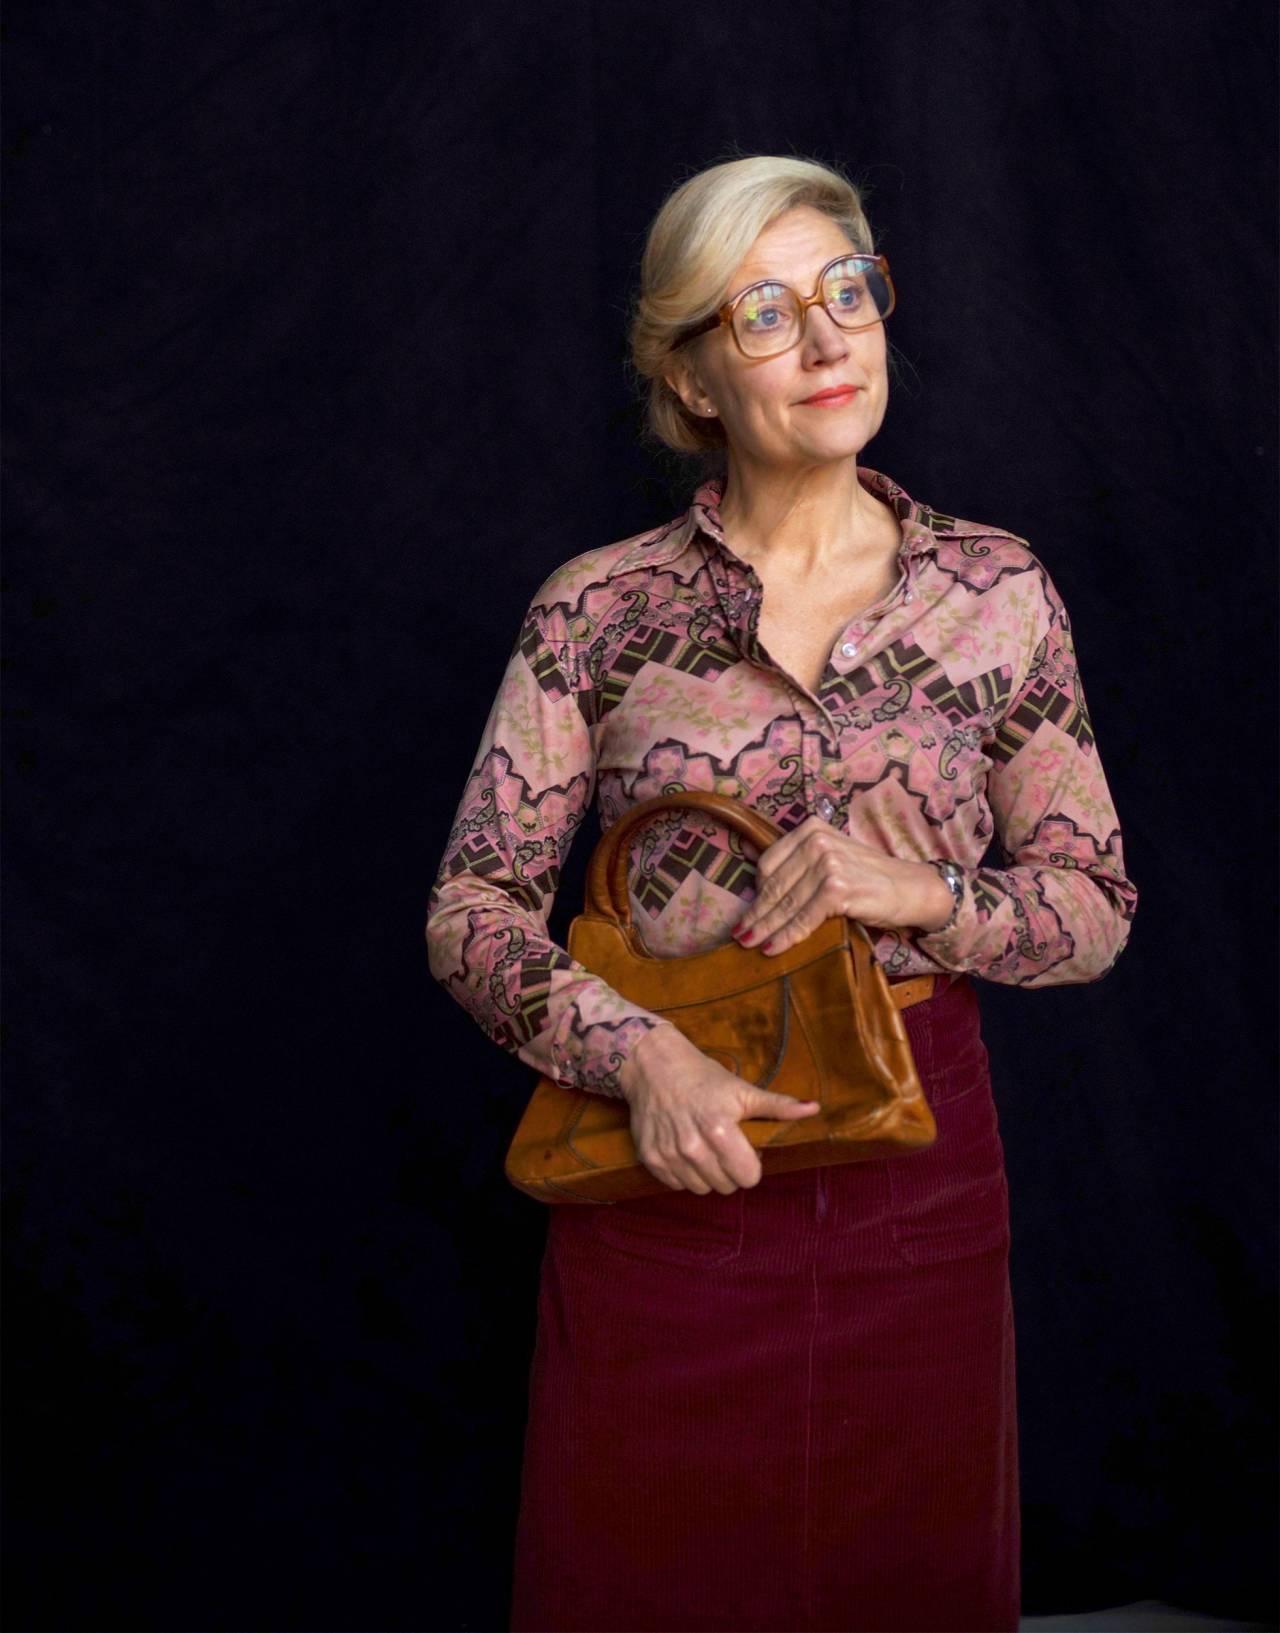 Skådespelaren Klara ZiImmergren som lärare på 70-talet.